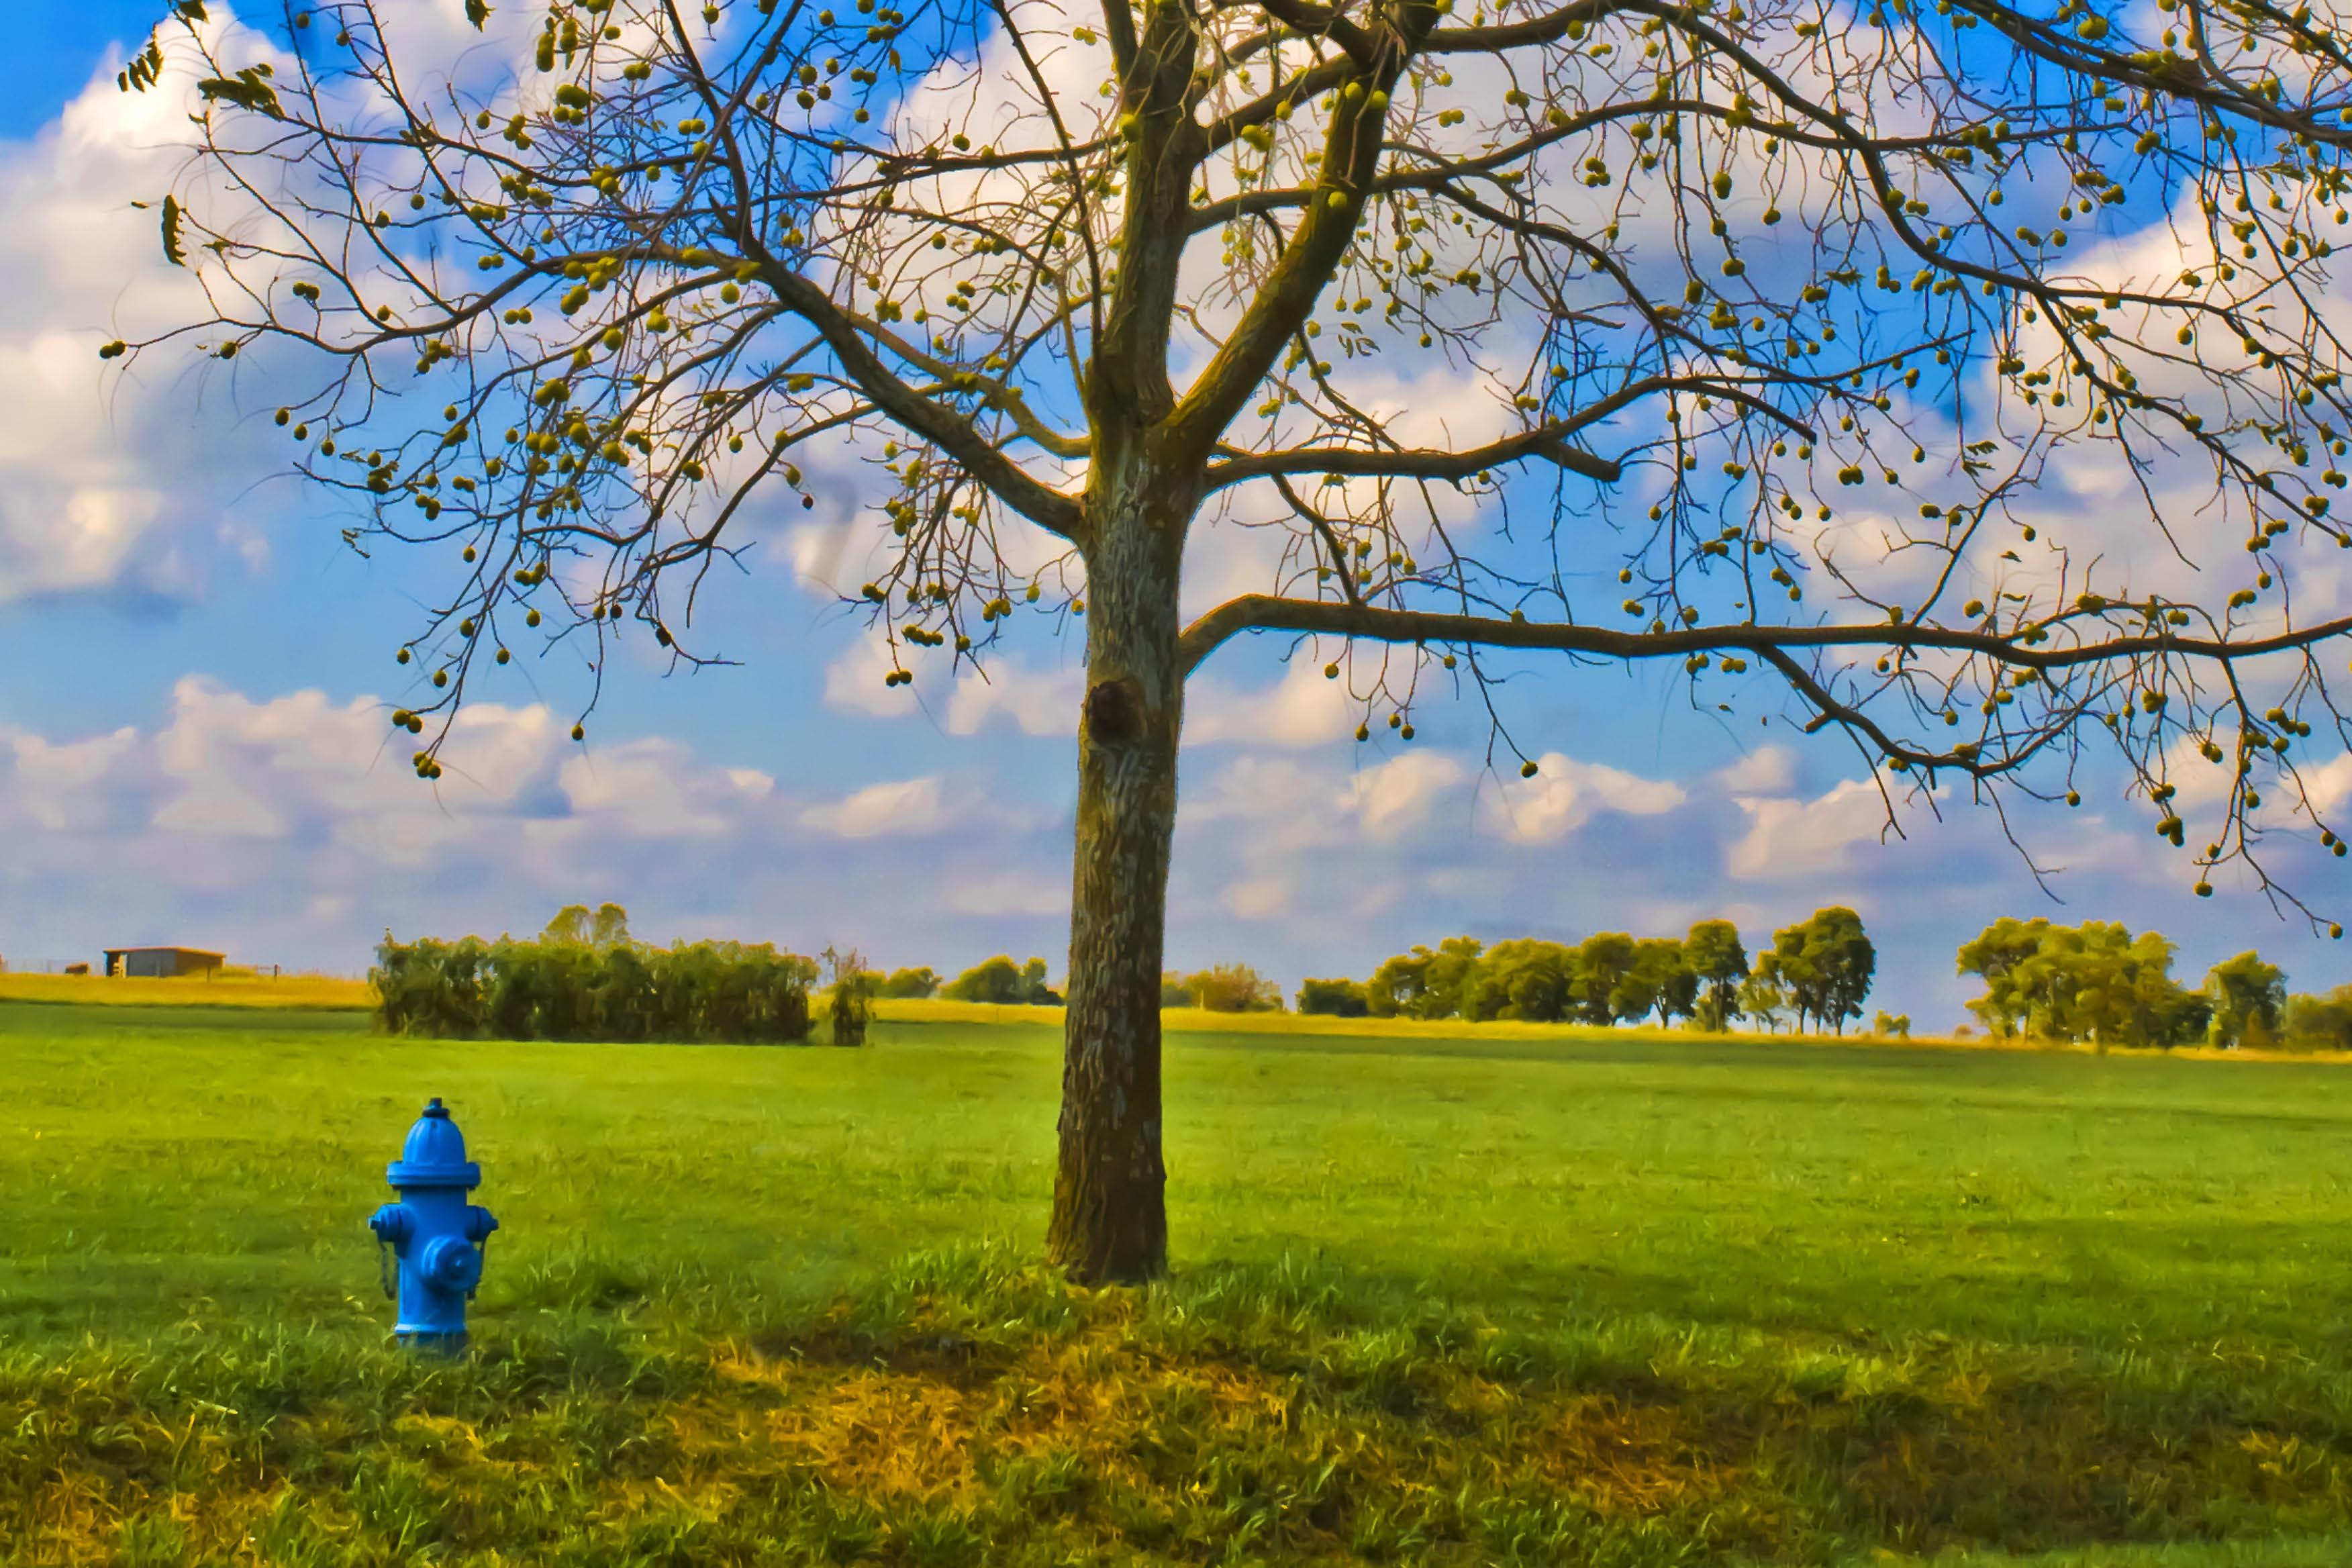 Under the Walnut Tree by Carol von Canon on Flickr (https://www.flickr.com/photos/biggreymare/10271272255)